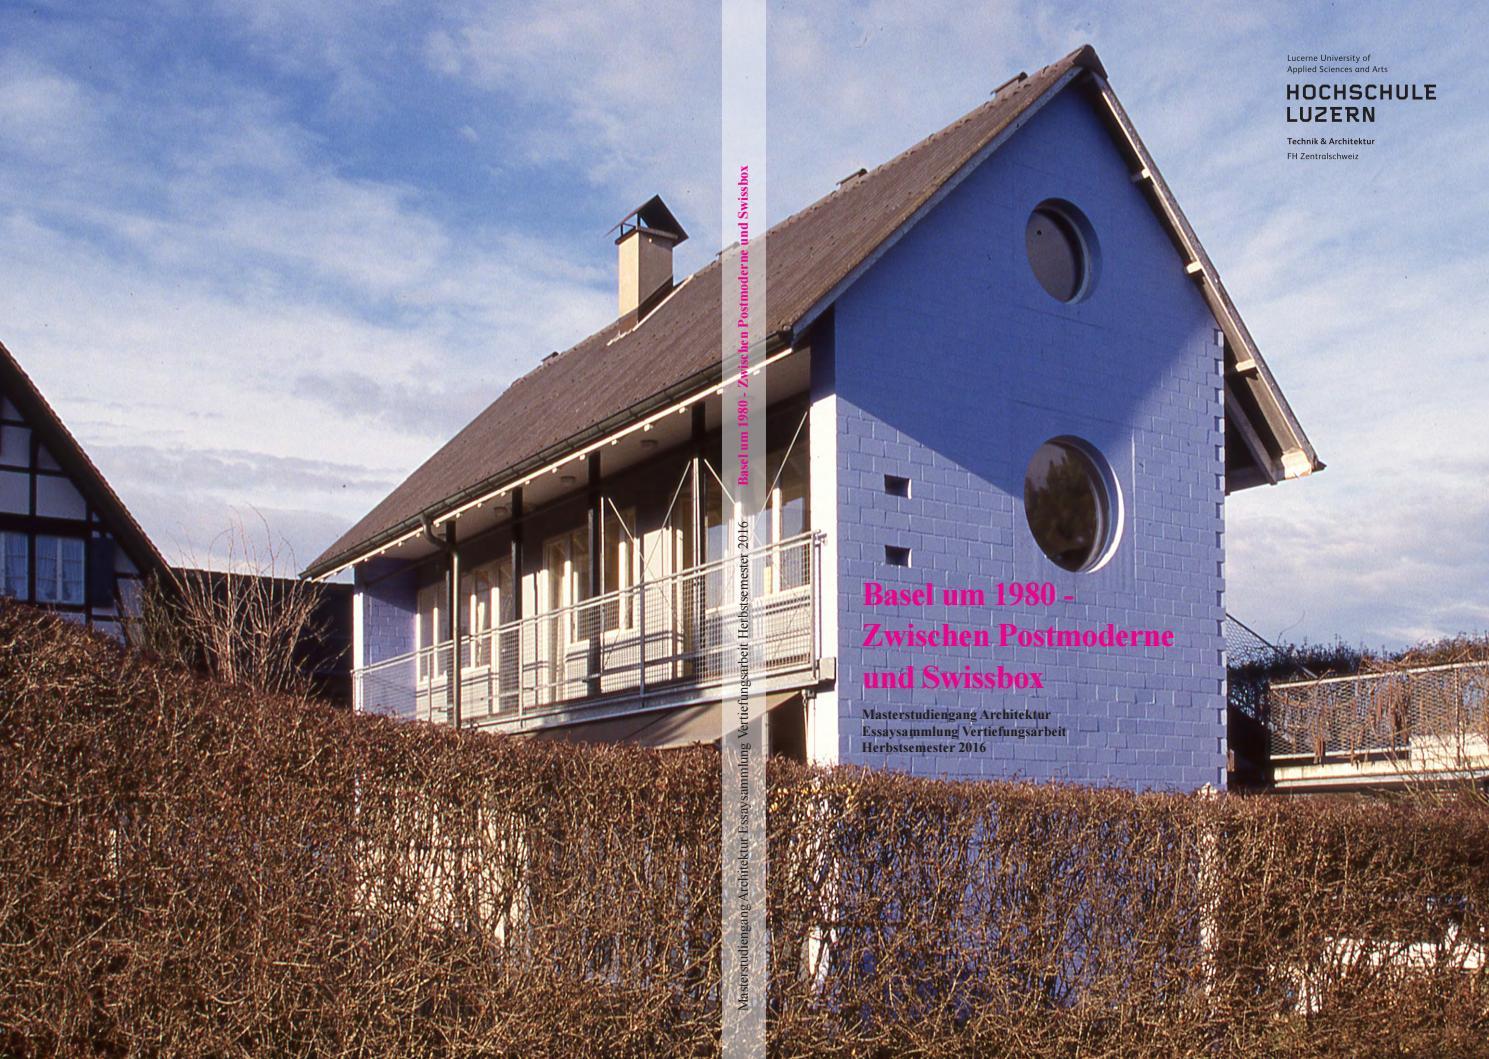 Basel um 1980 zwischen postmoderne und swissbox by - Postmoderne architektur ...